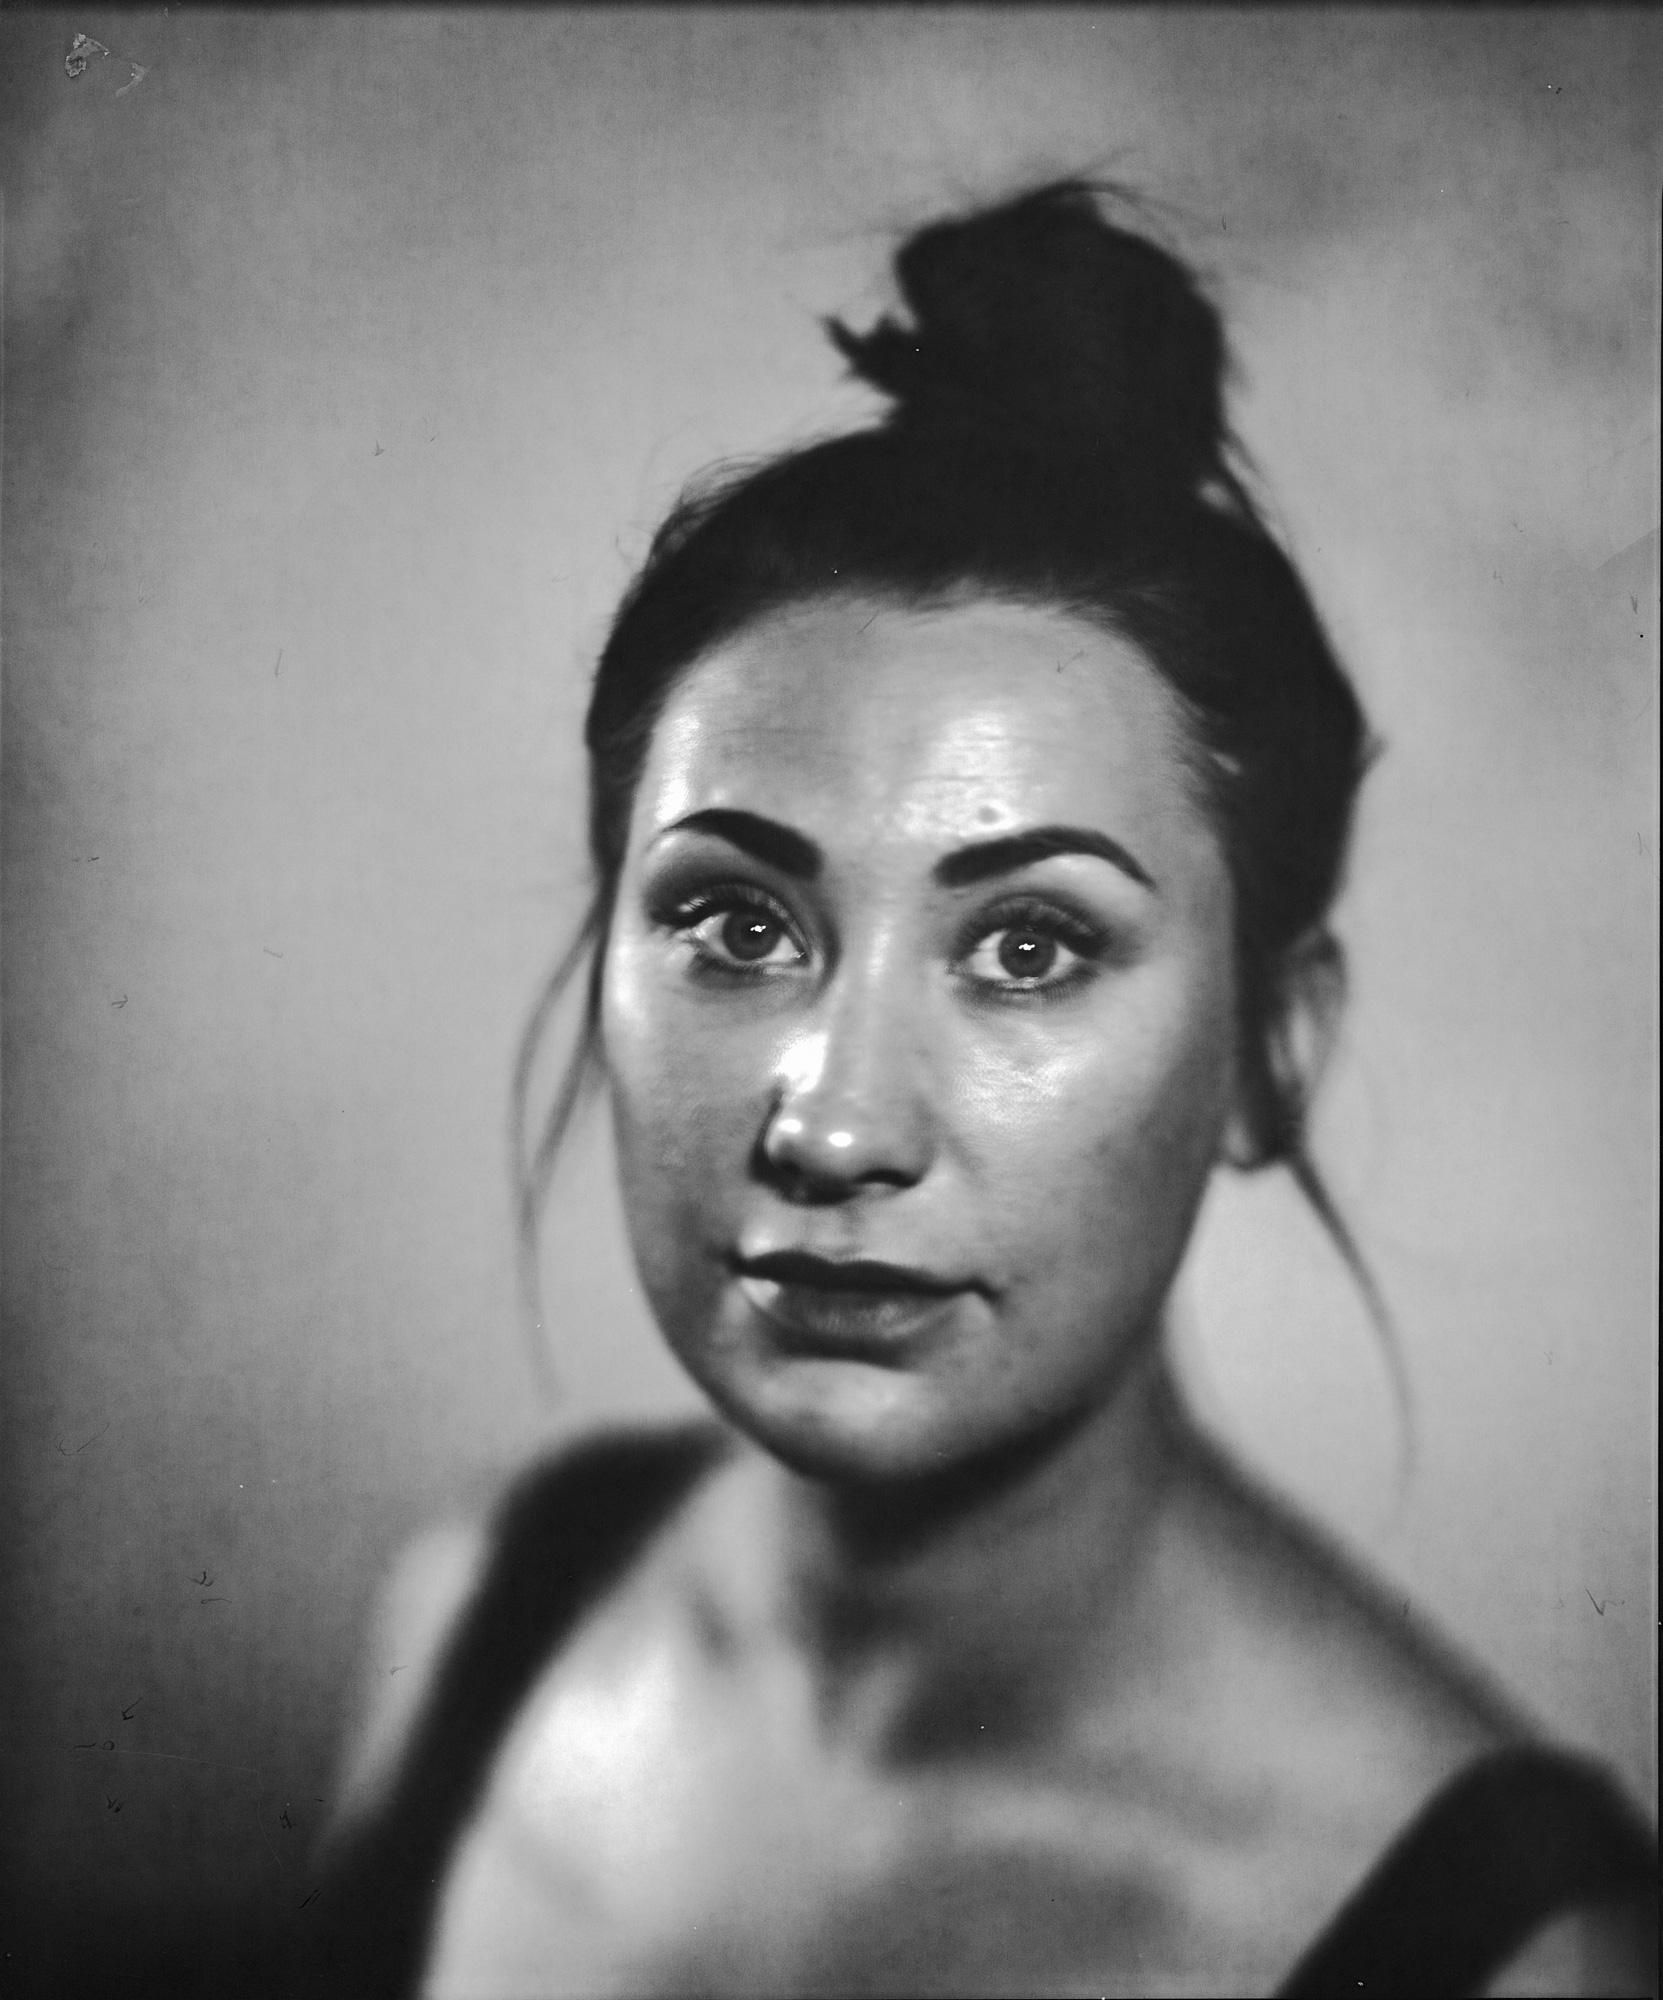 Portrettfotograf fanger en ung kvinne med oppsatt hår